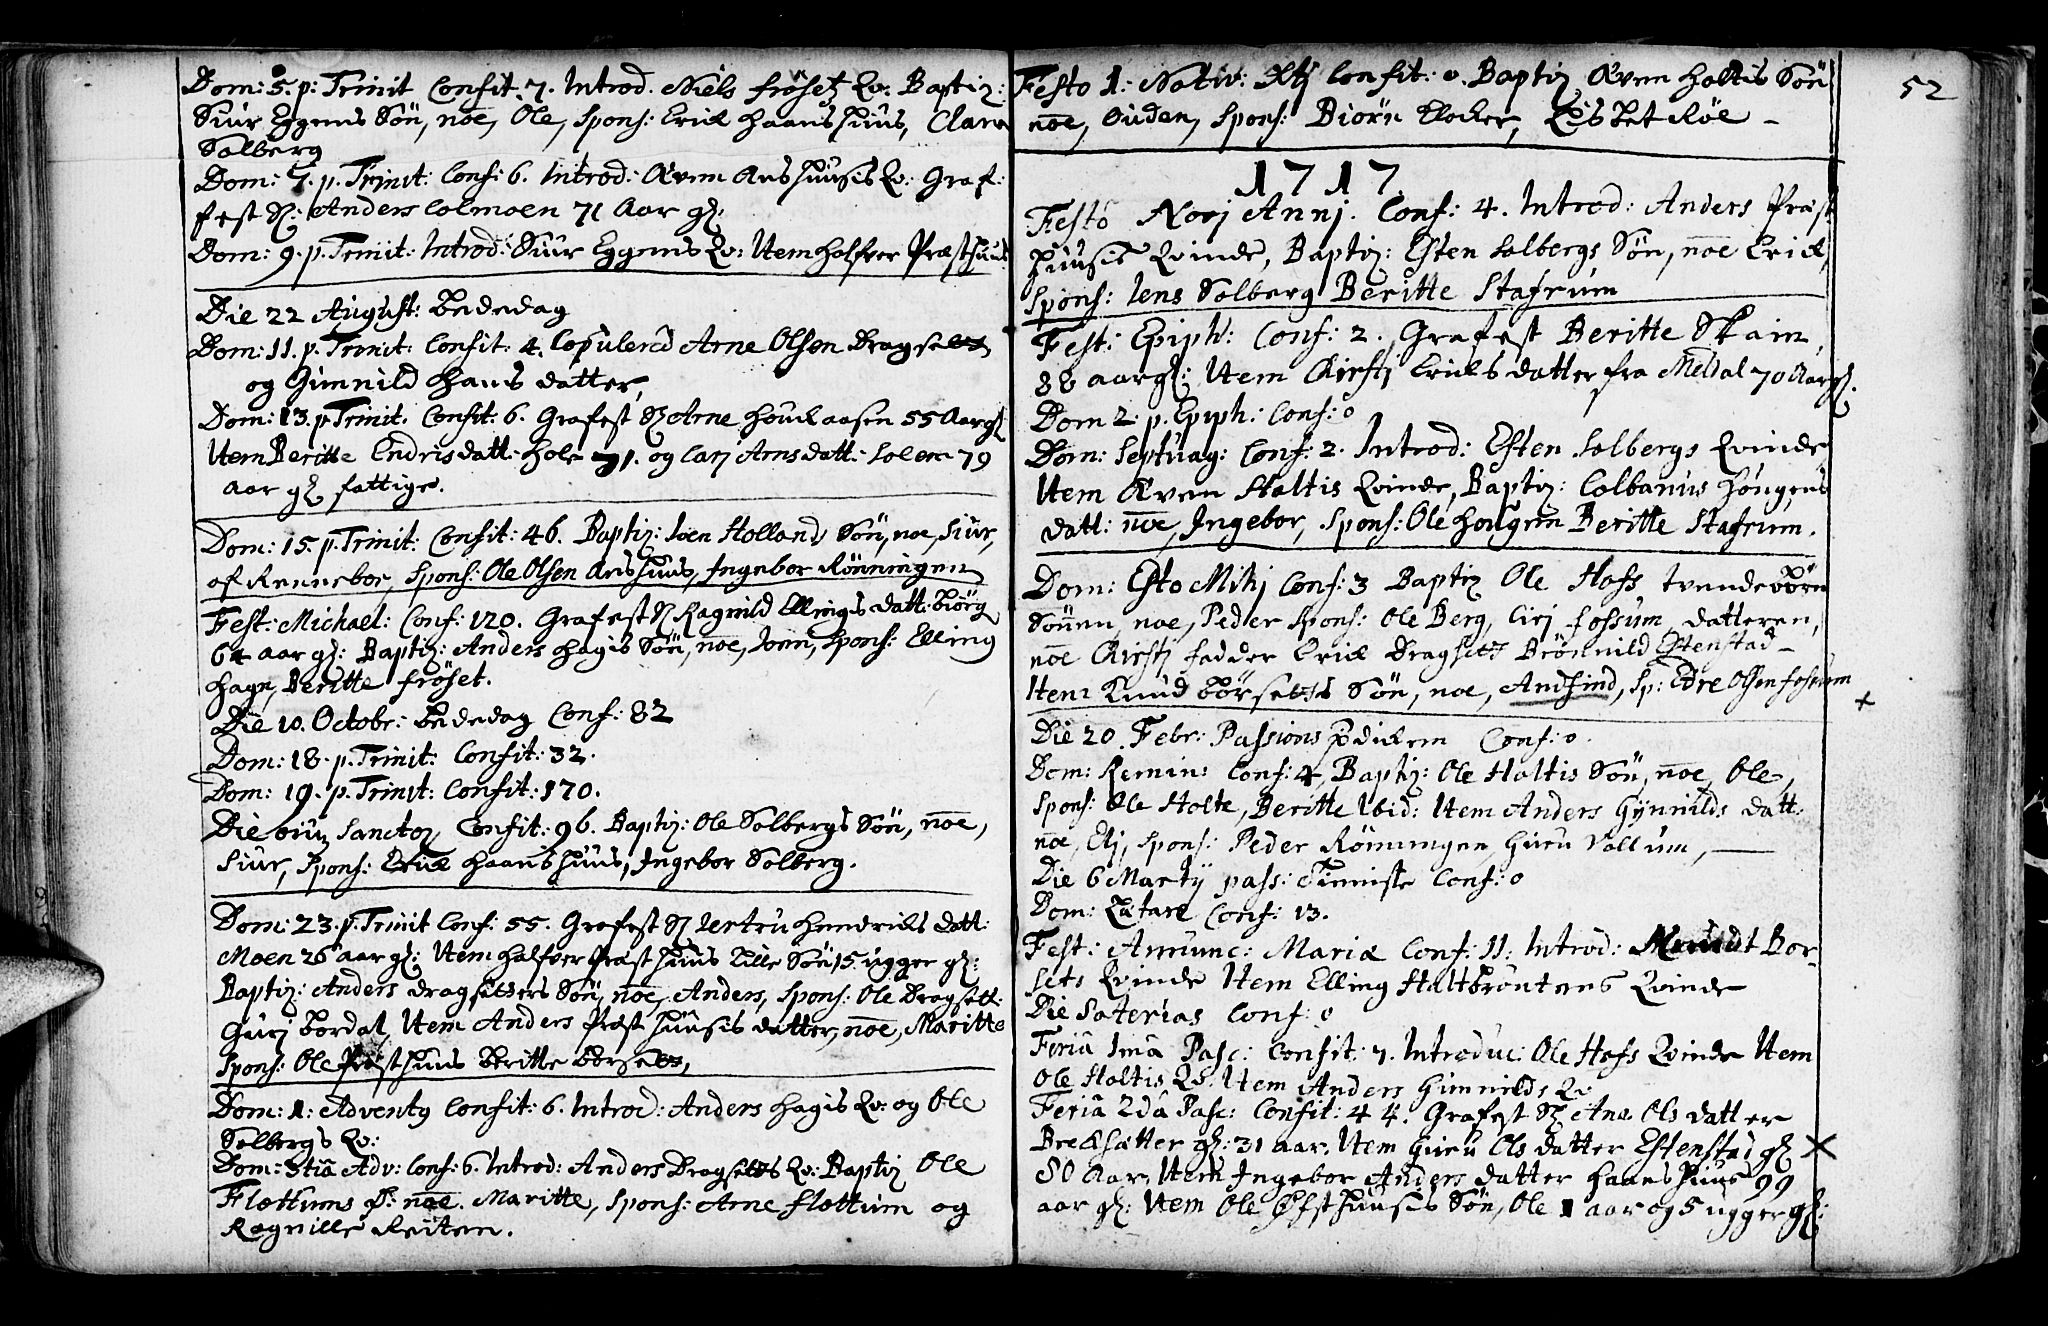 SAT, Ministerialprotokoller, klokkerbøker og fødselsregistre - Sør-Trøndelag, 689/L1036: Ministerialbok nr. 689A01, 1696-1746, s. 52